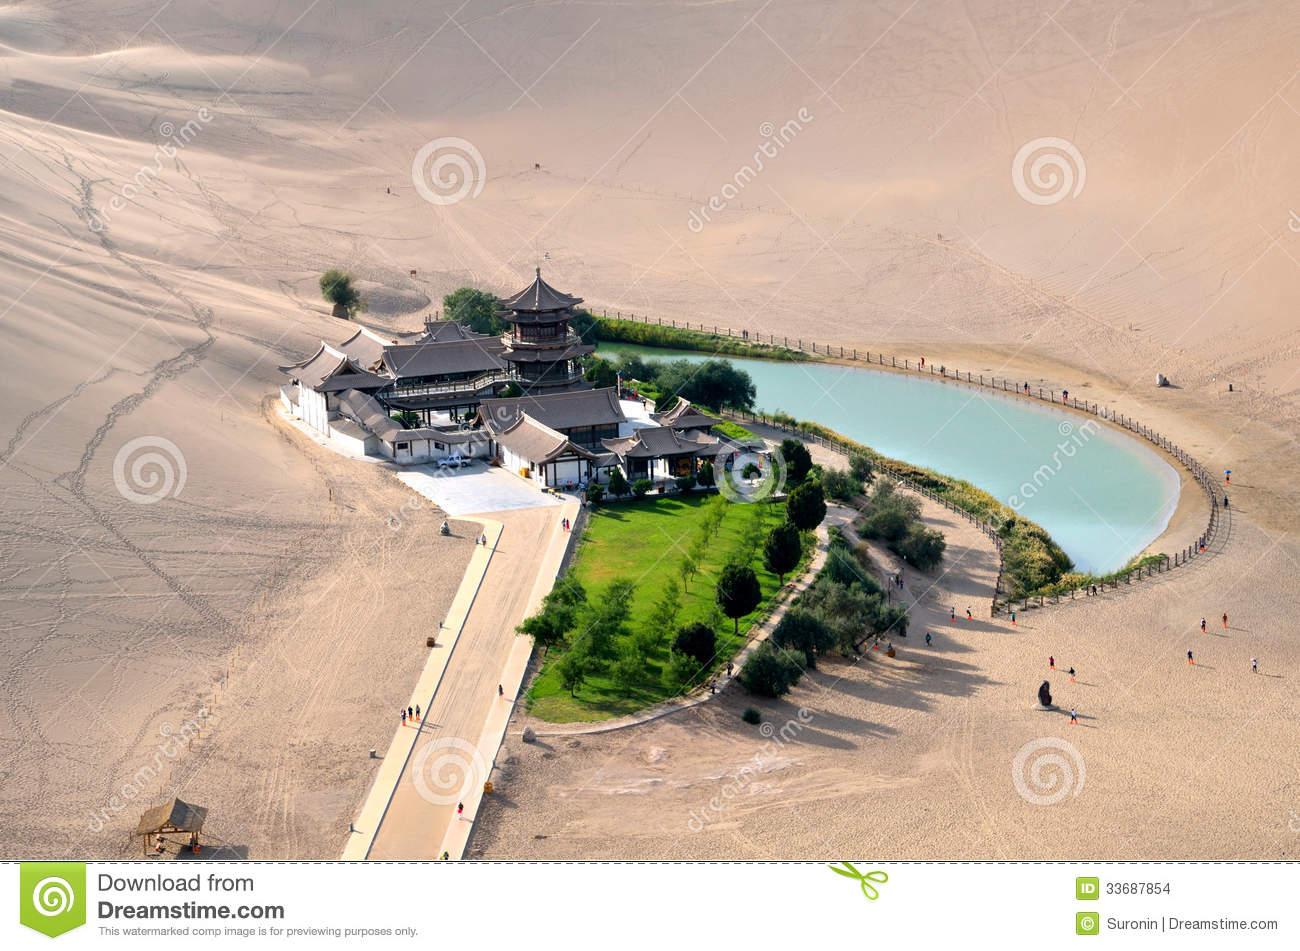 Desert Mountain Lake Clipart.